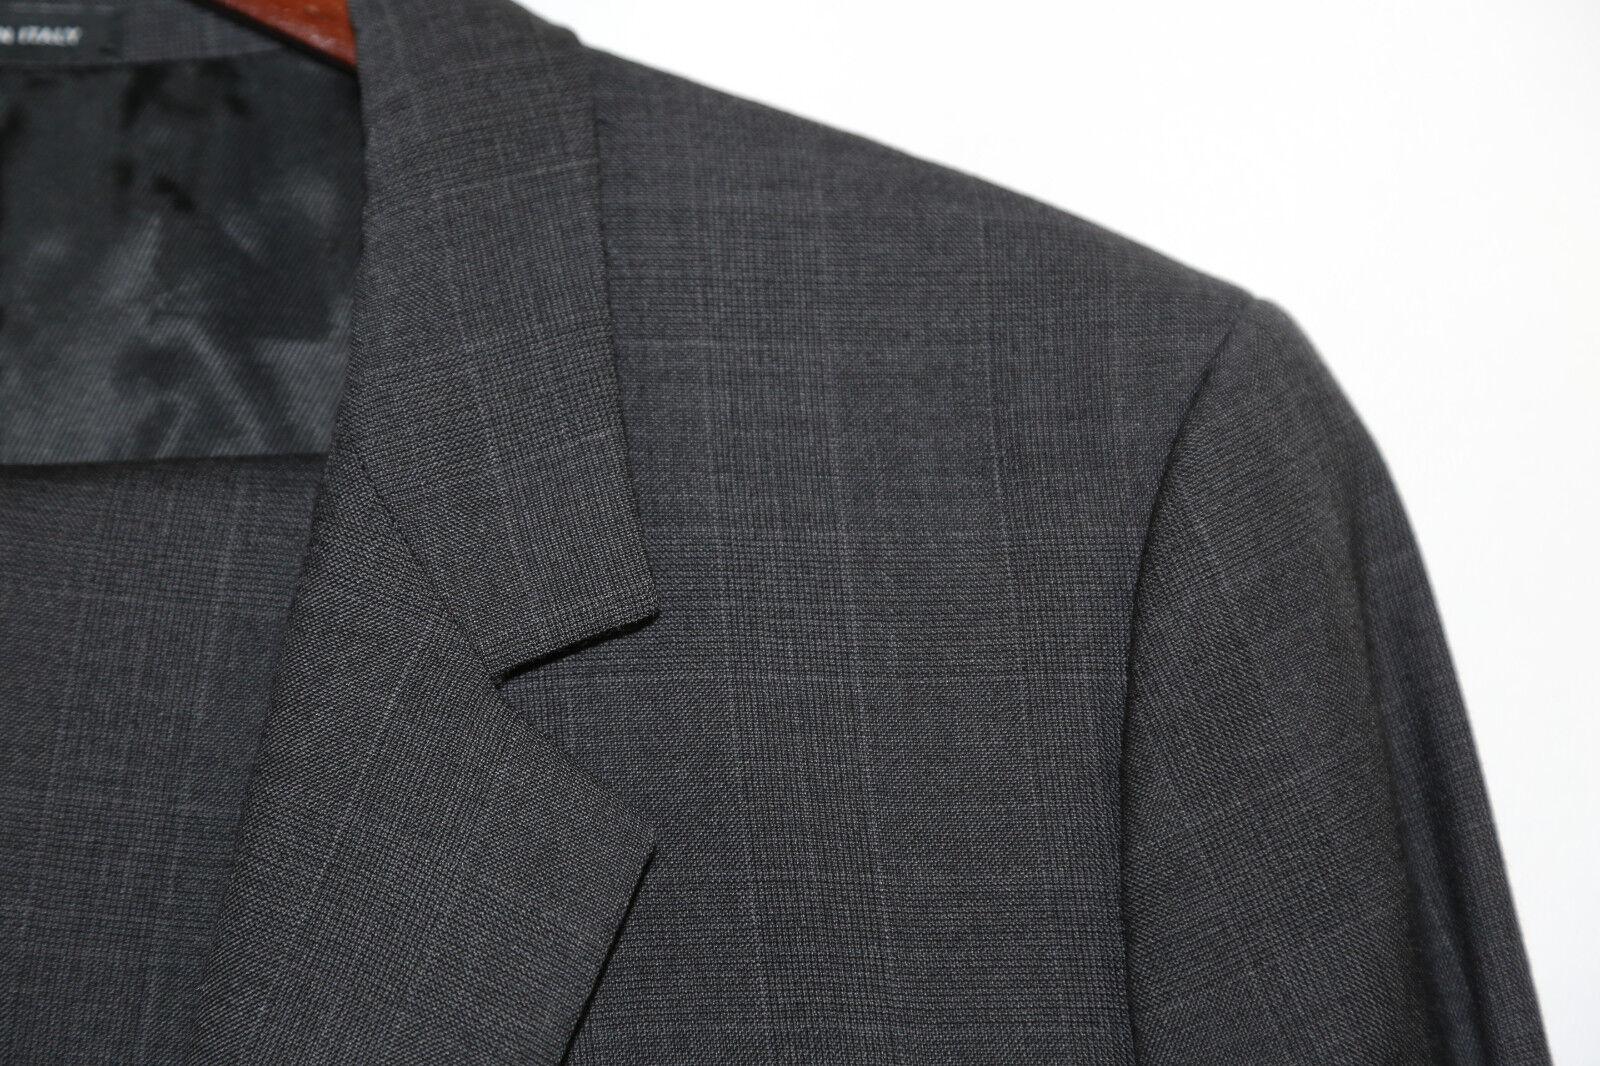 95 GIVENCHY PARIS Charcoal Two Button Slim Fit Suit Größe 40